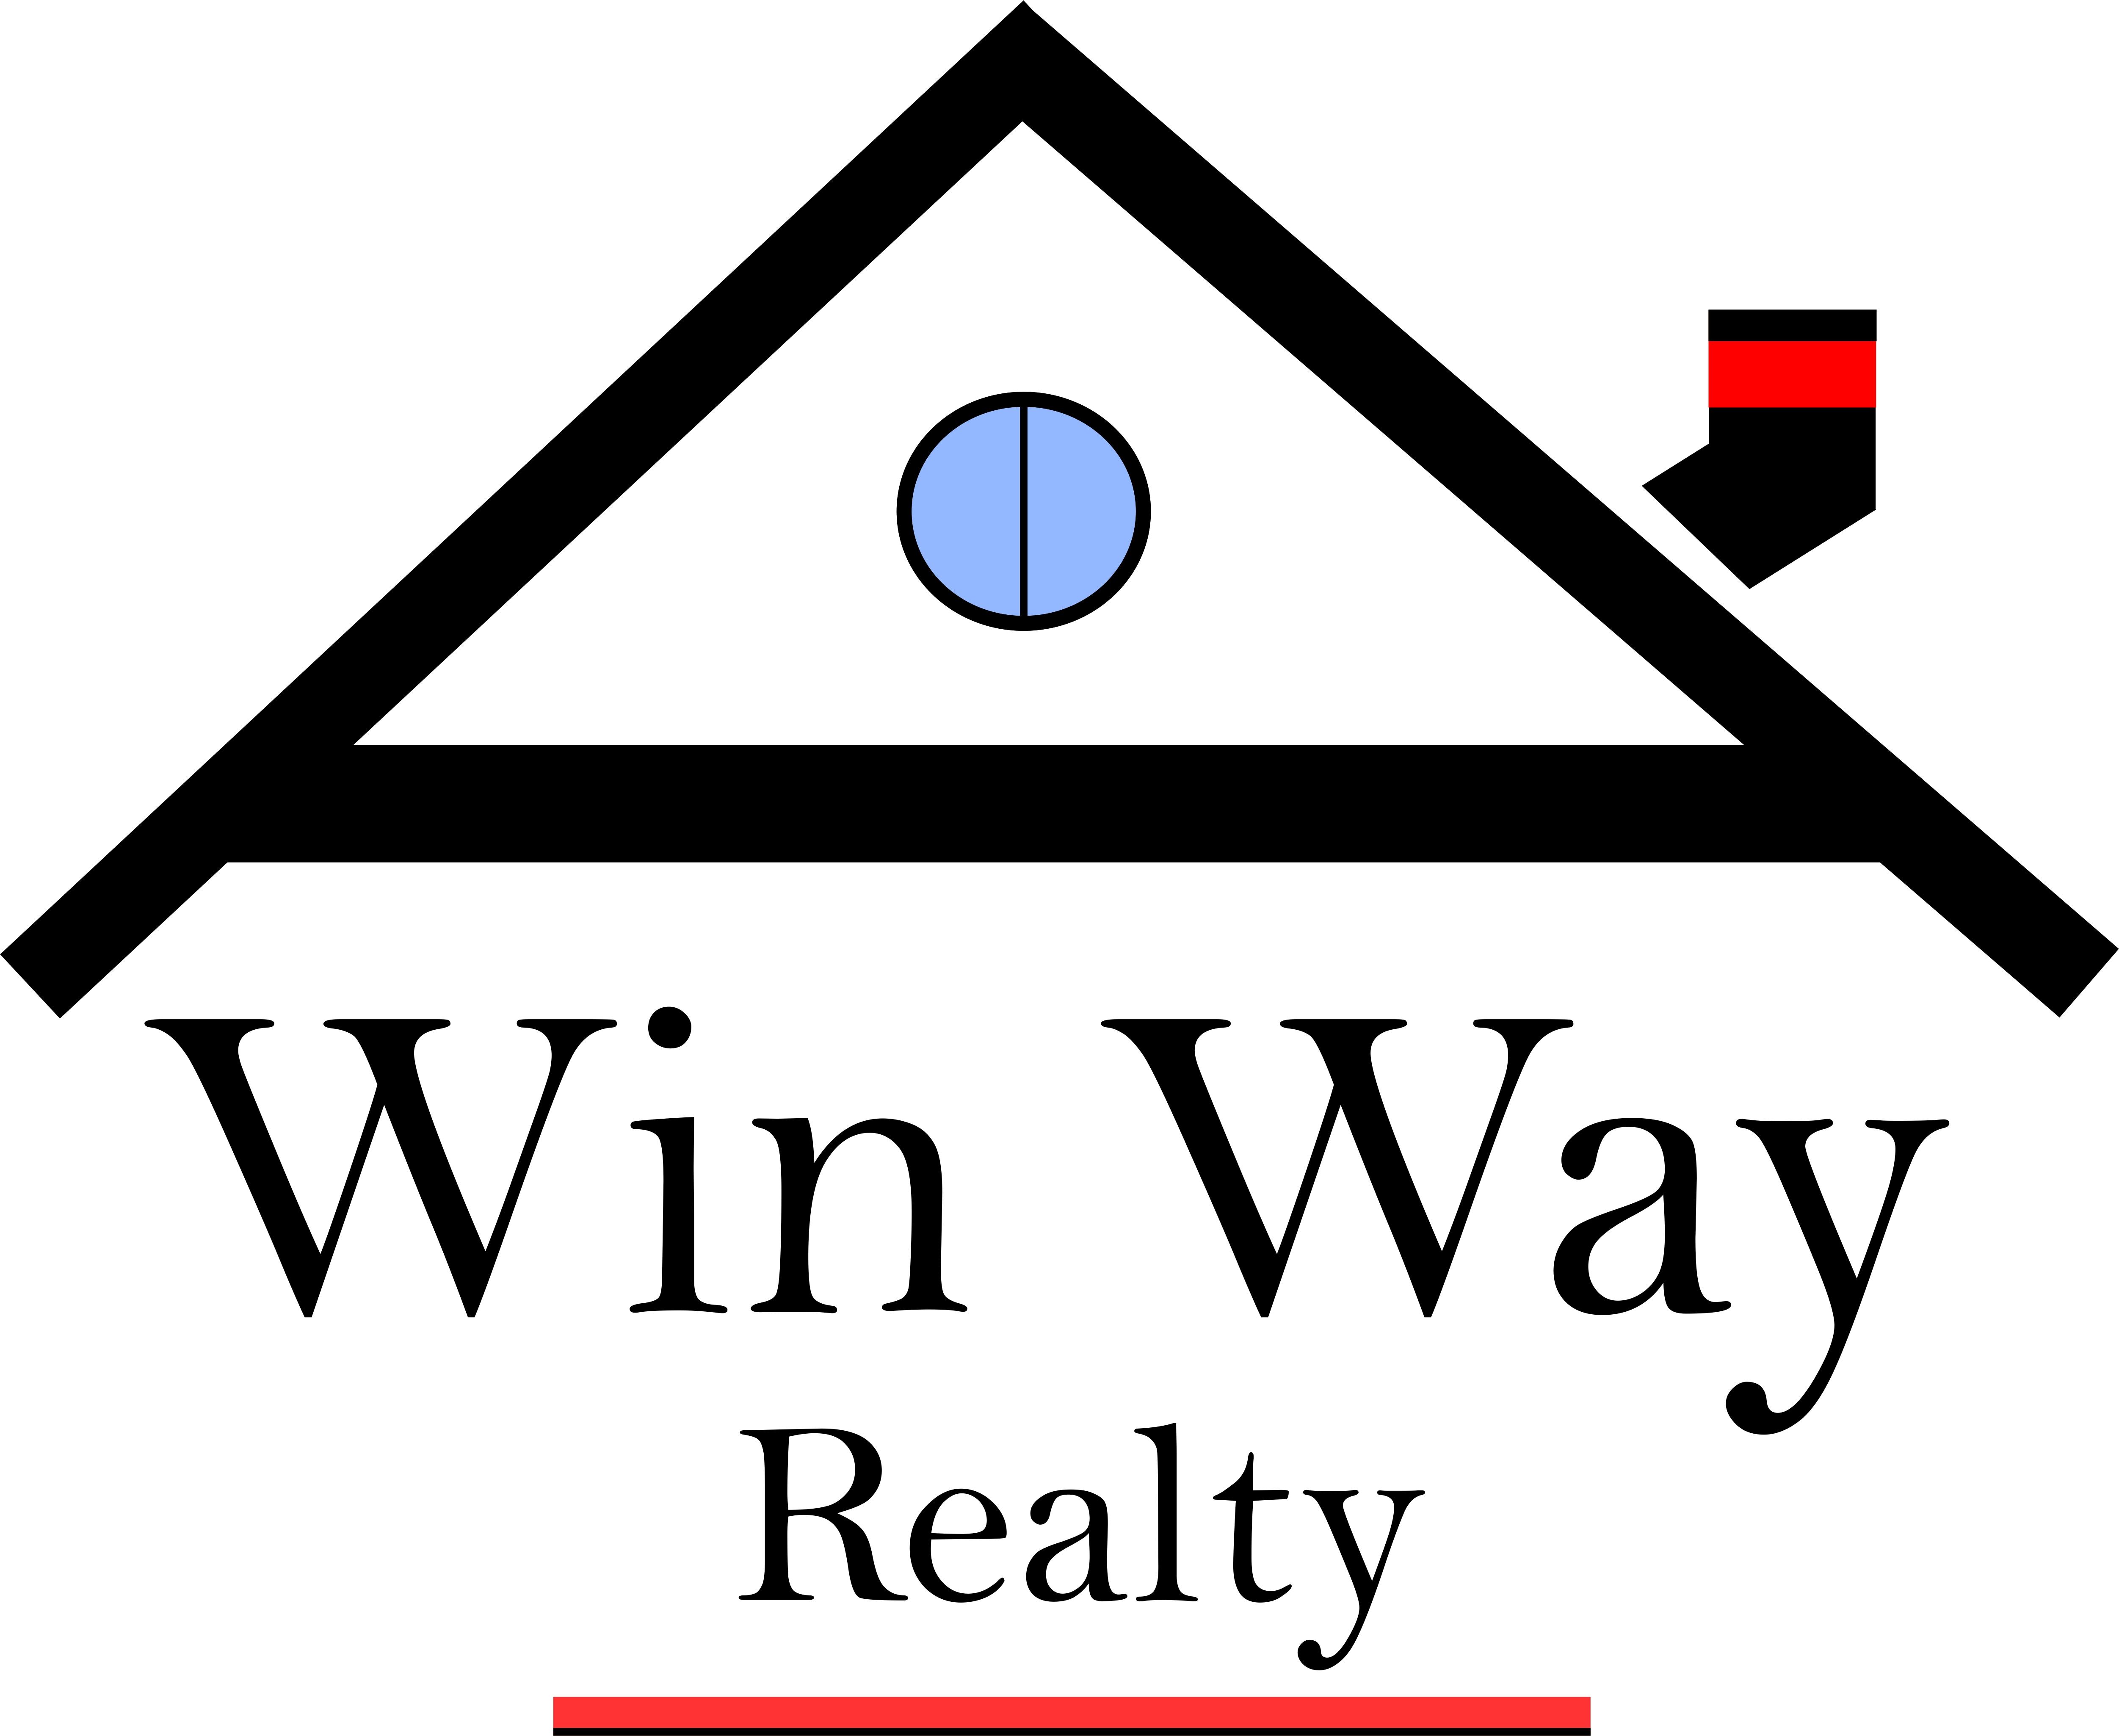 Логотип для агентства недвижимости фото f_9535aa87a0476ca4.jpg